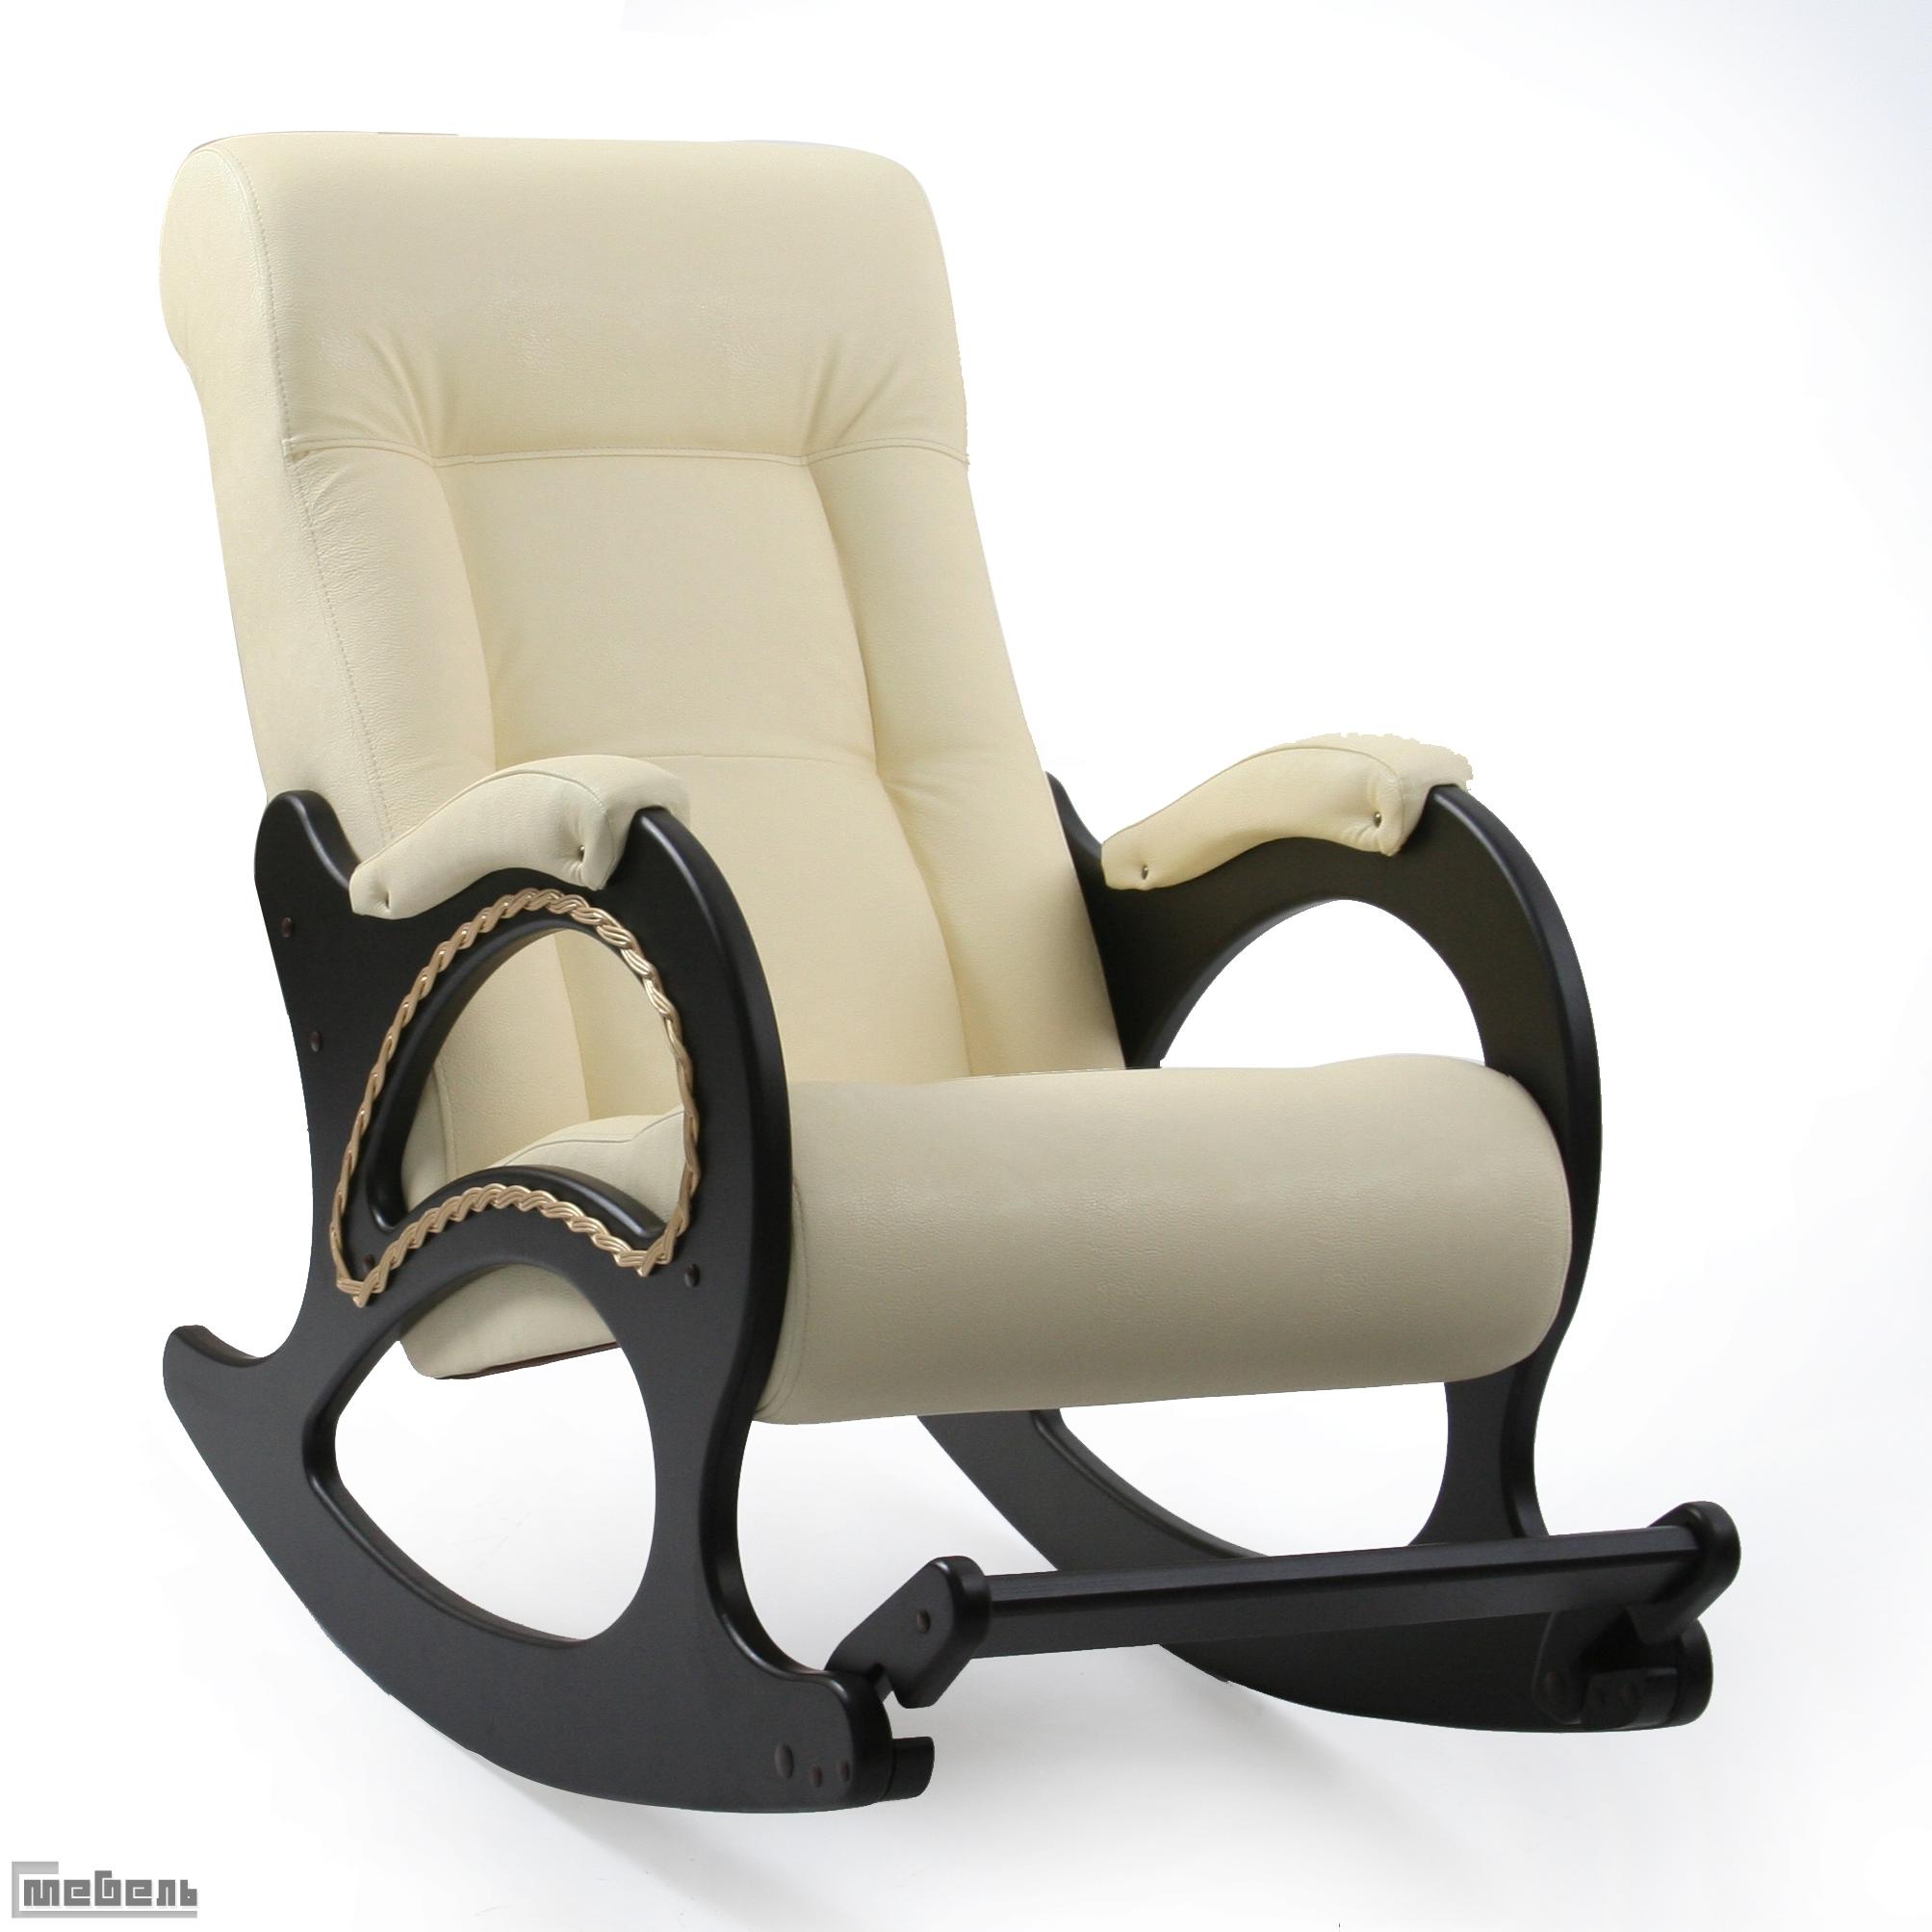 Кресло-качалка, модель 44 (013.0044), экокожа Дунди 112